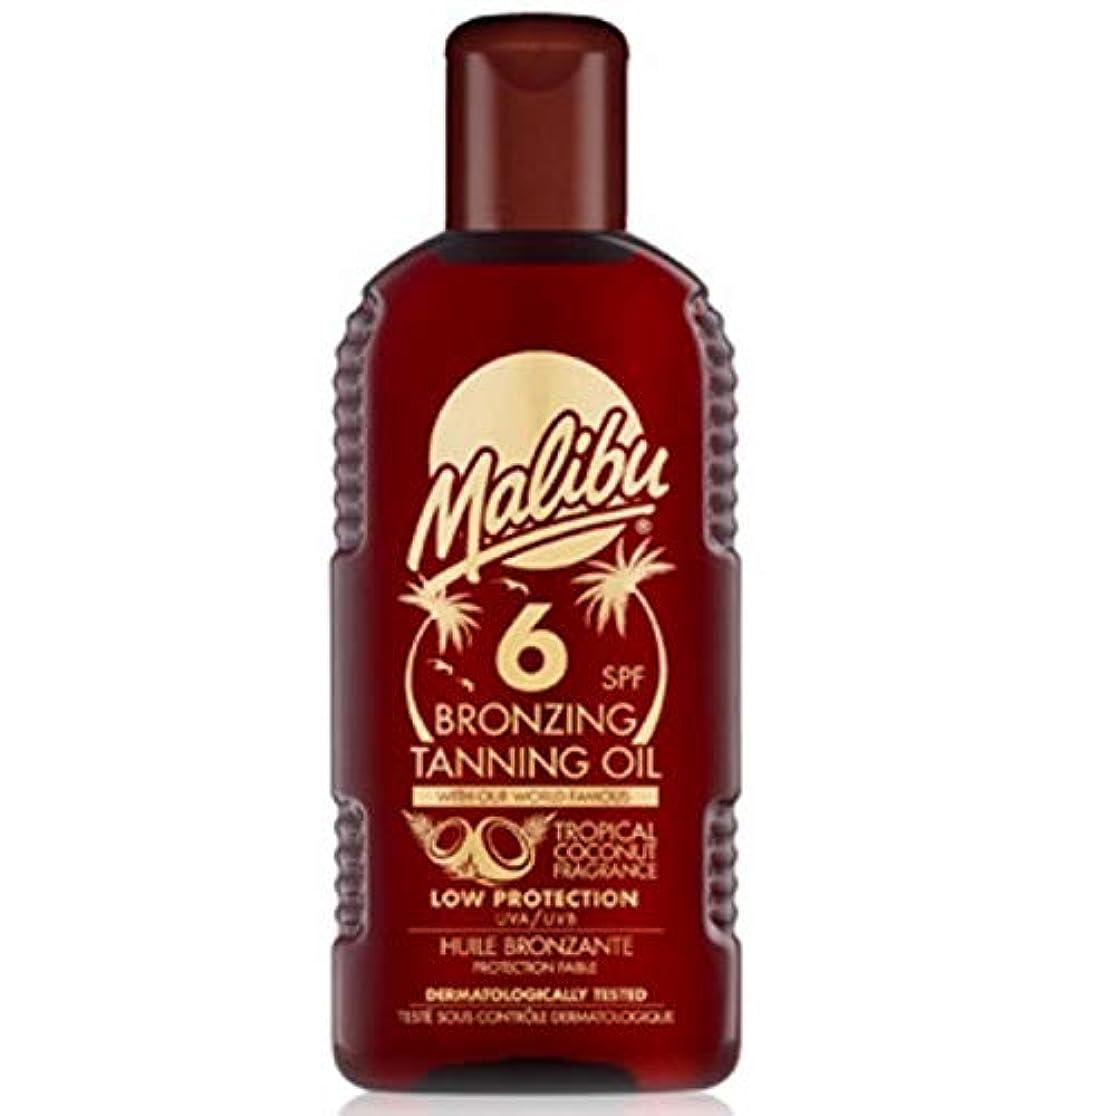 悪質なパドルひねり[Malibu ] マリブブロンズ日焼けオイルSp6 - Malibu Bronzing Tanning Oil Sp6 [並行輸入品]